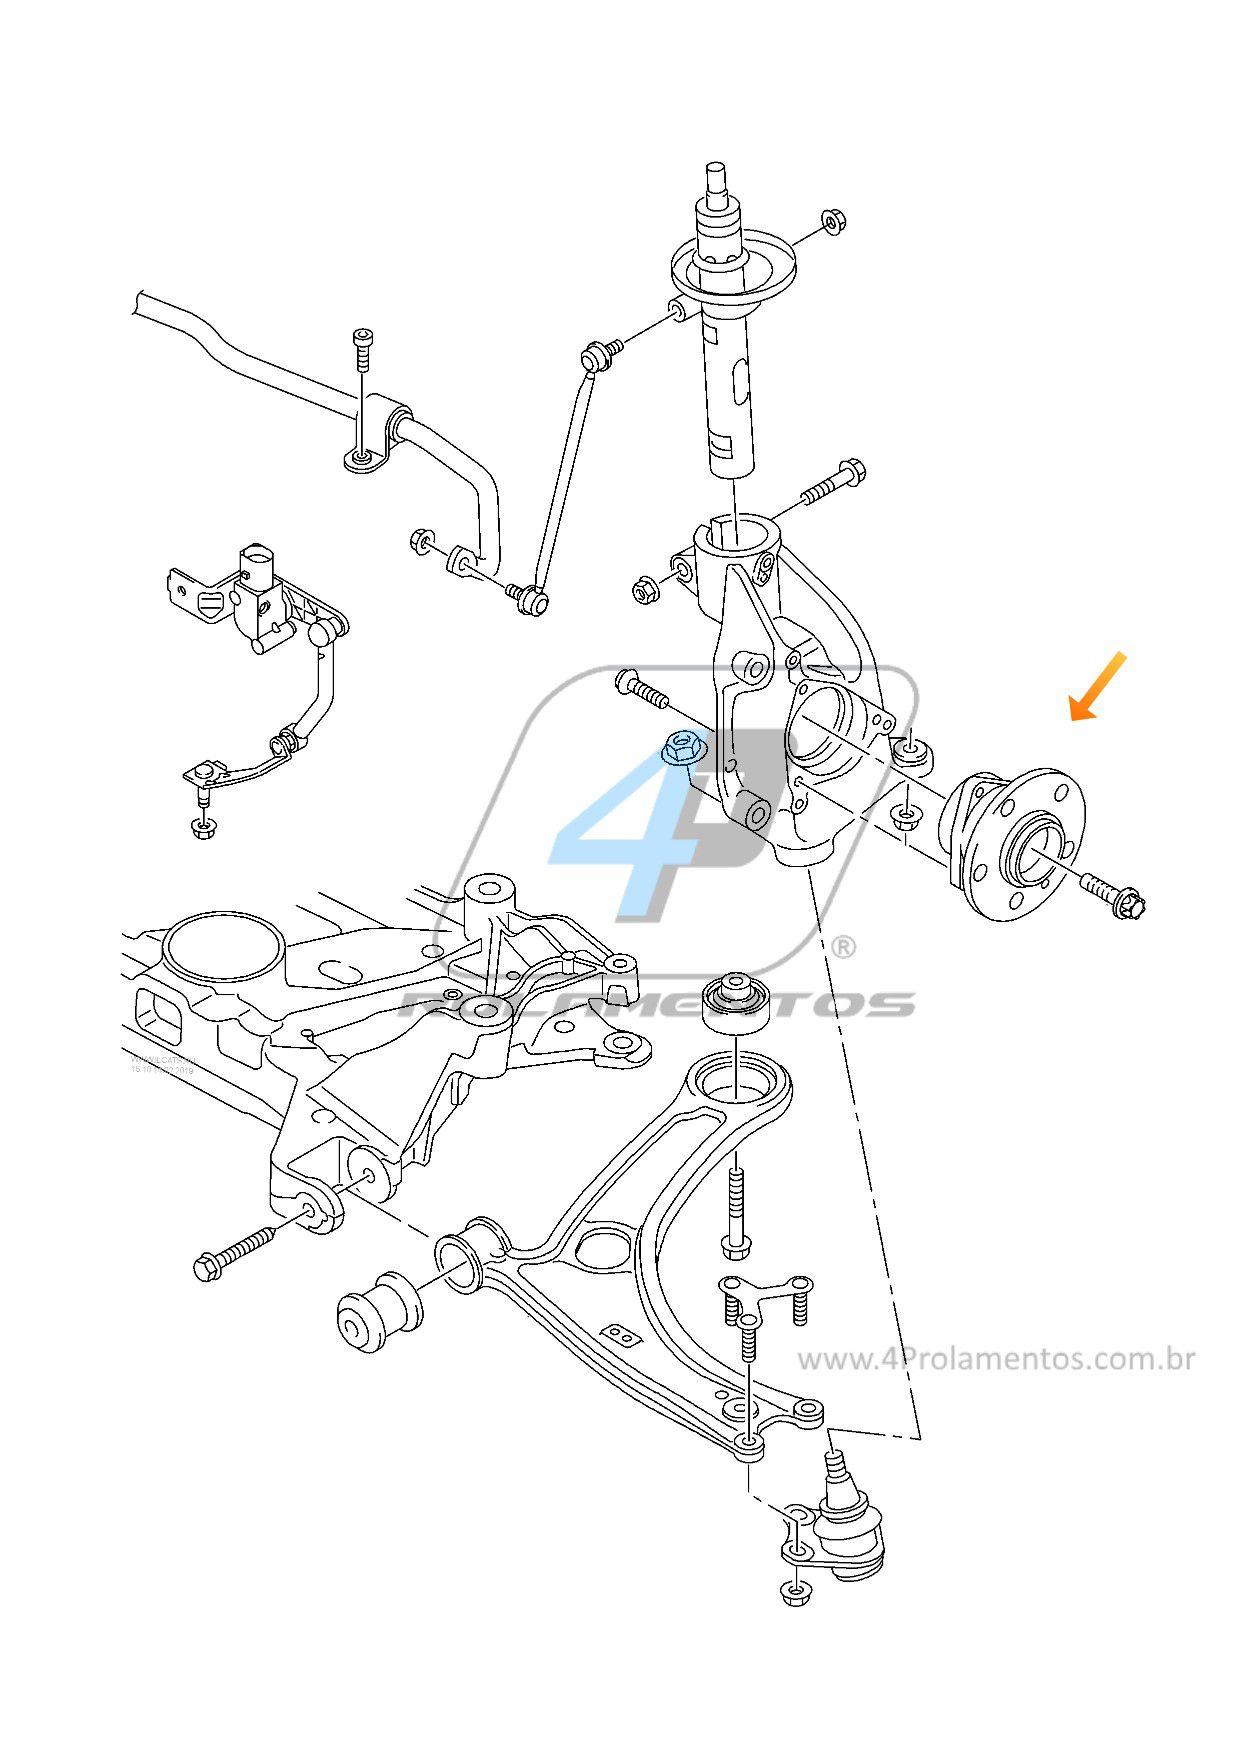 Cubo de Roda Dianteira AUDI TT 2014 até 2018, com ABS